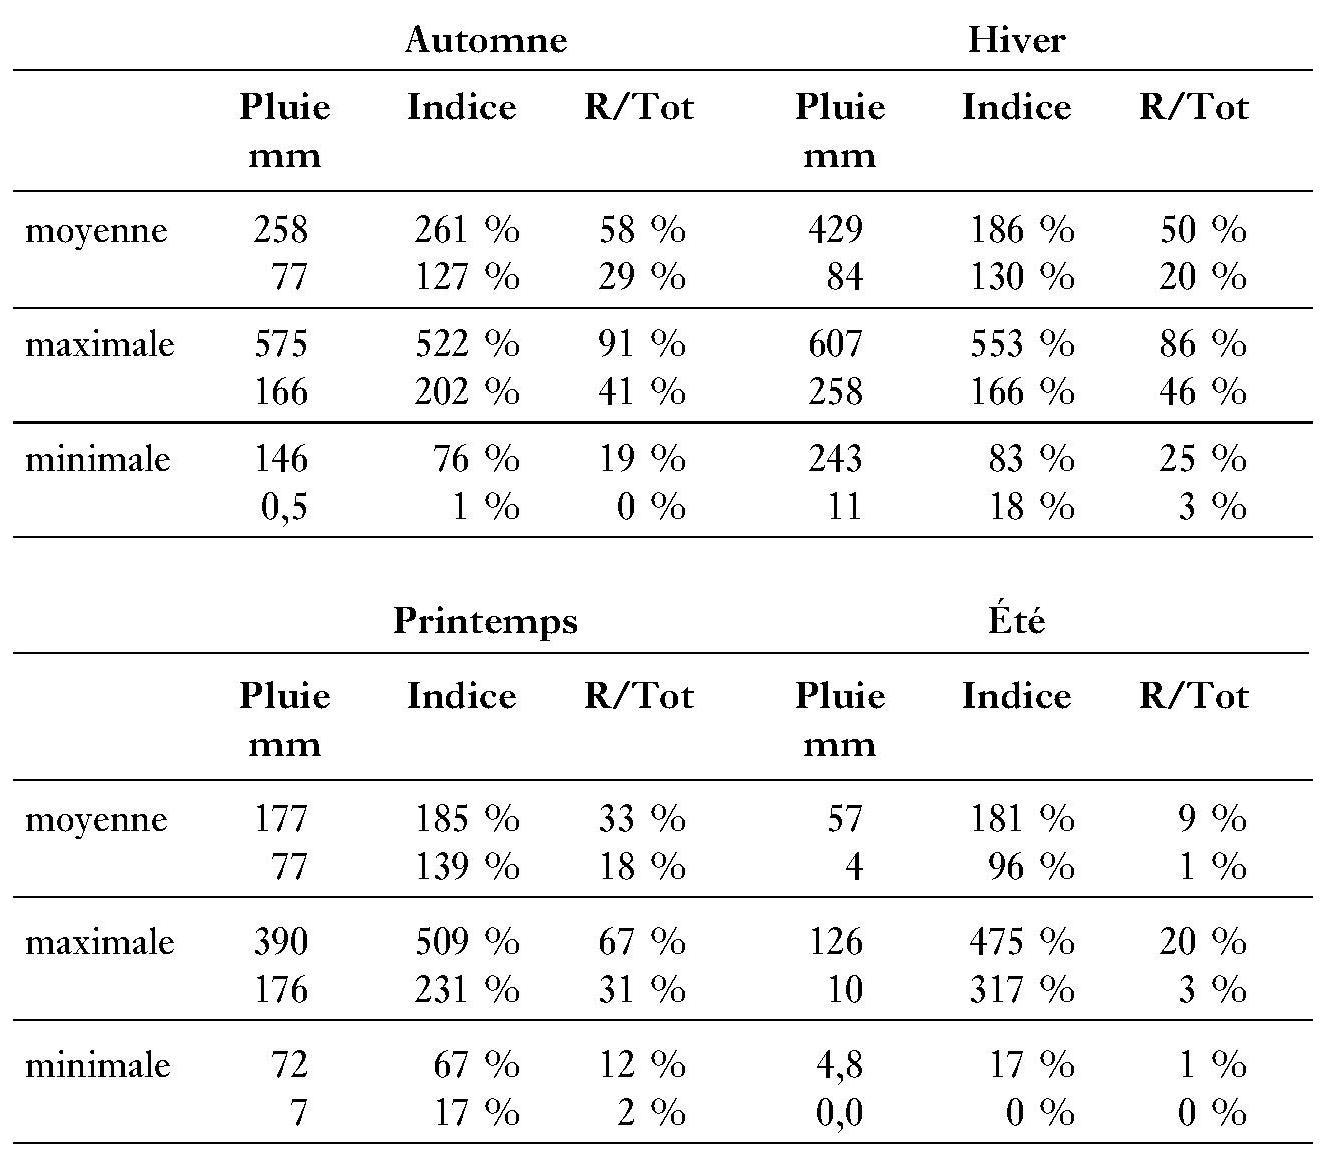 Statistique pluviométrie tunisie